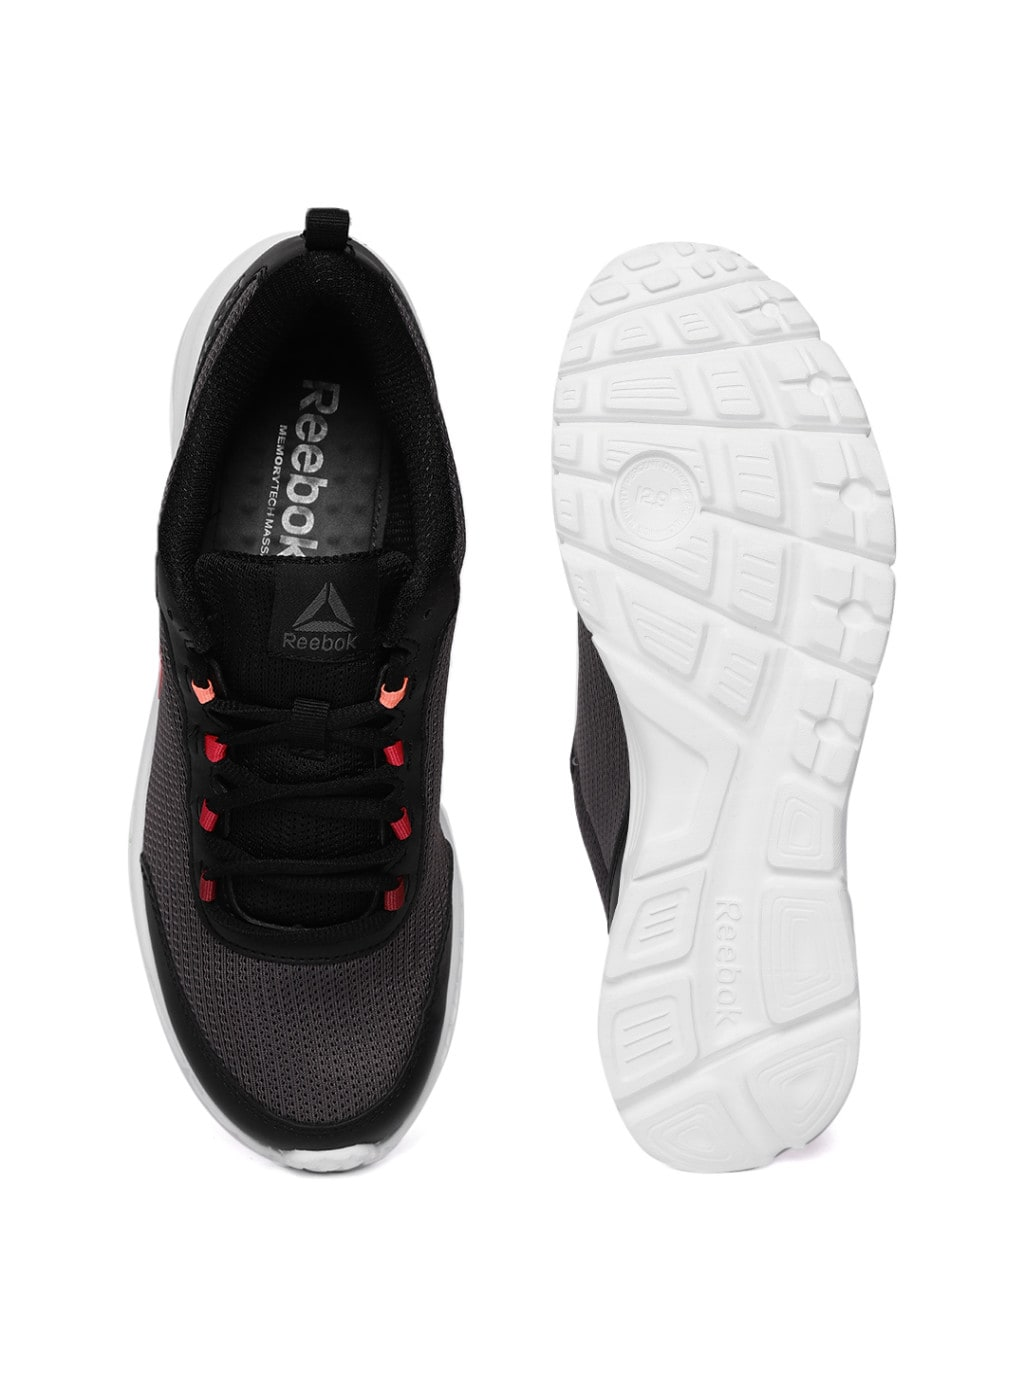 b65e70069 Women Shoes Reebok - Buy Women Shoes Reebok online in India - Jabong